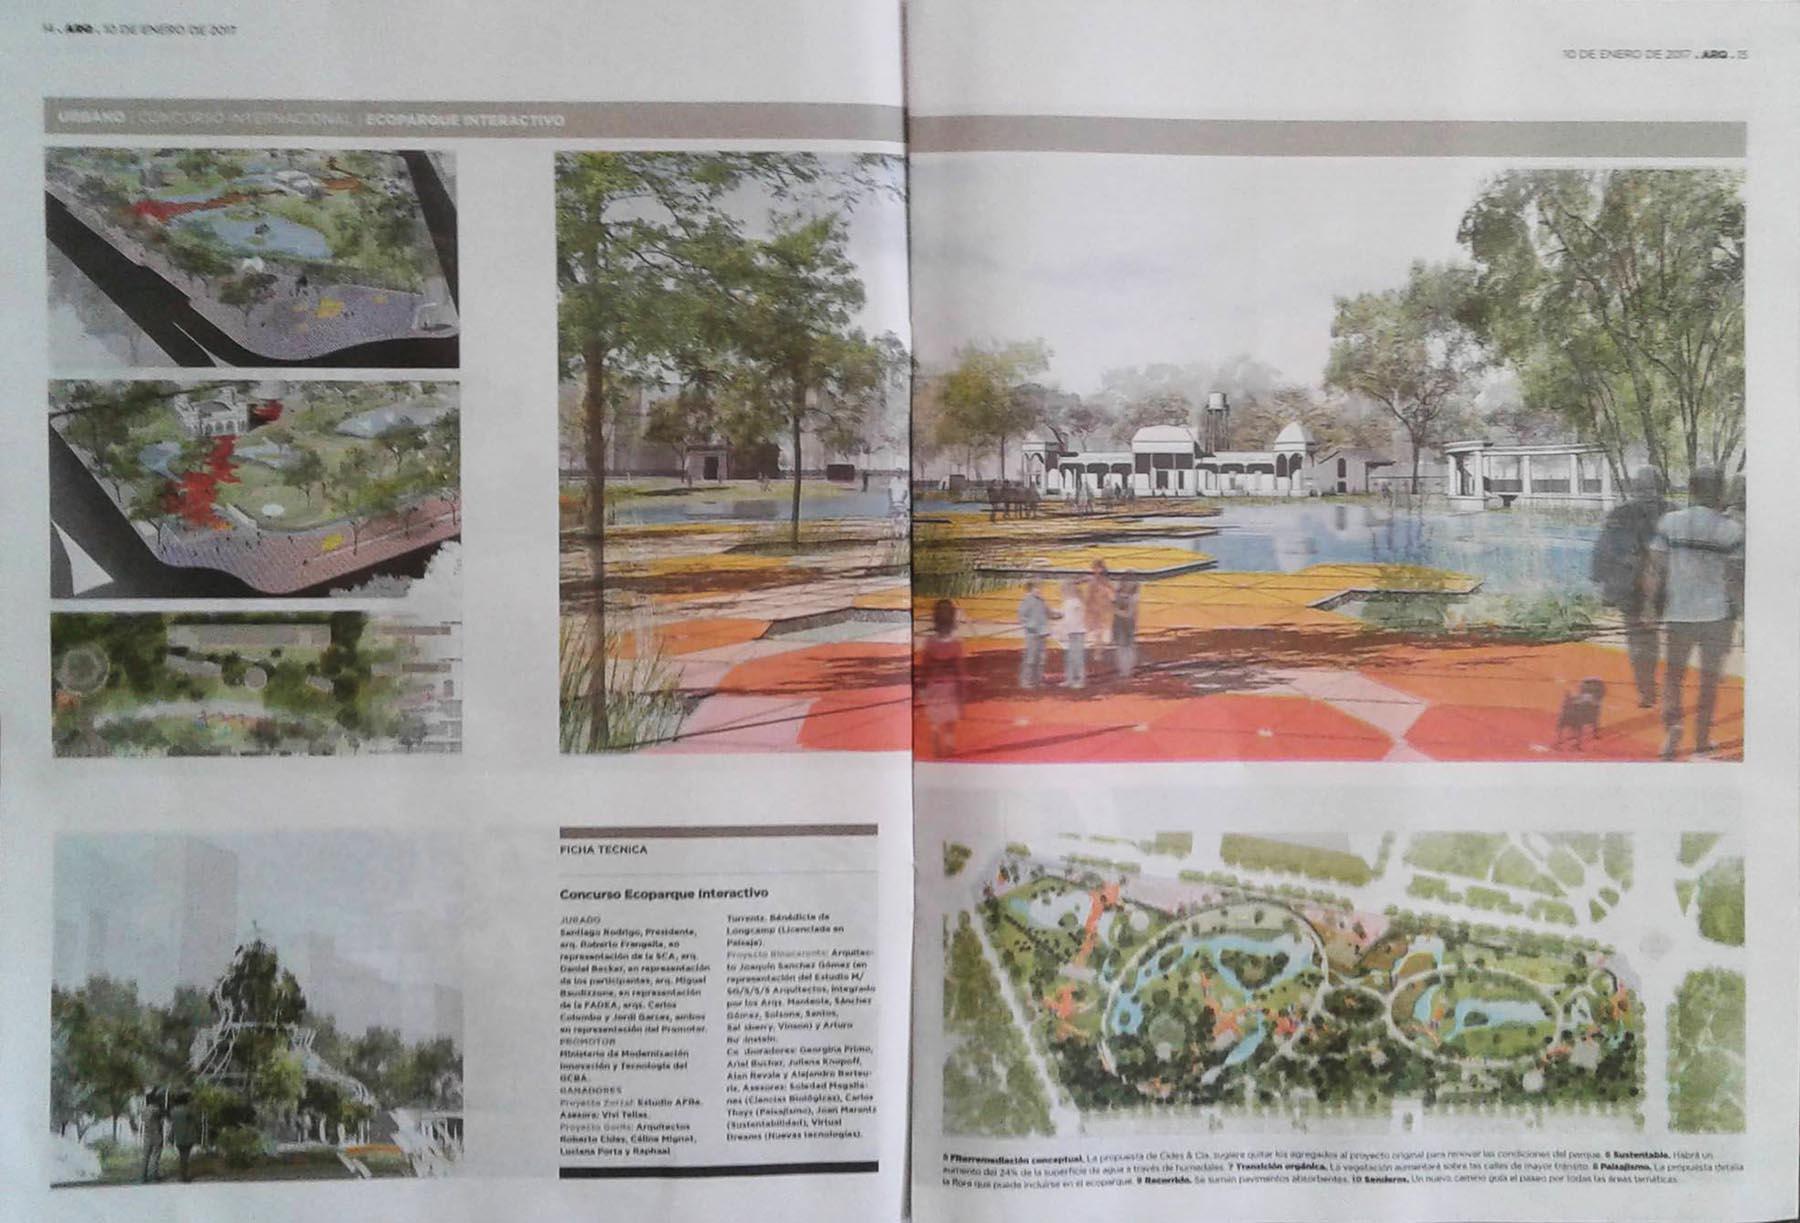 Ecoparque Clarin Arquitectura